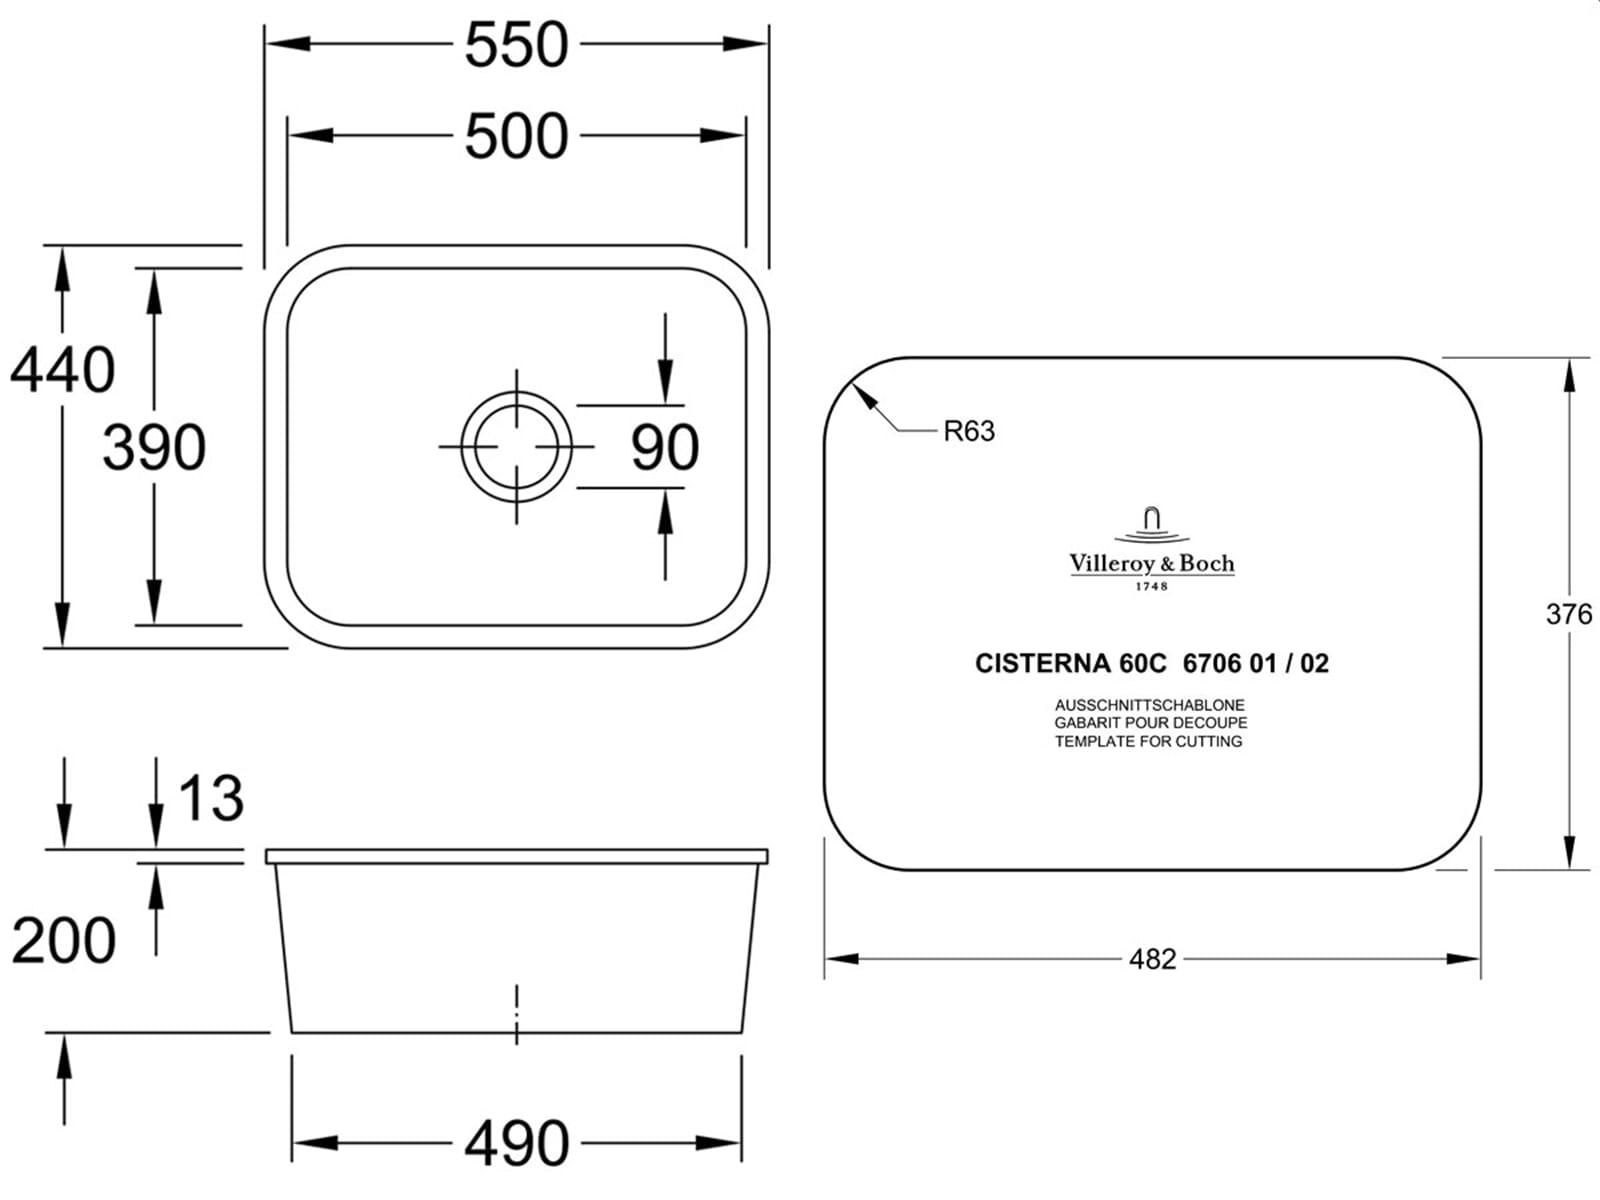 Villeroy & Boch Cisterna 60C Timber - 6706 02 TR Keramikspüle Exzenterbetätigung